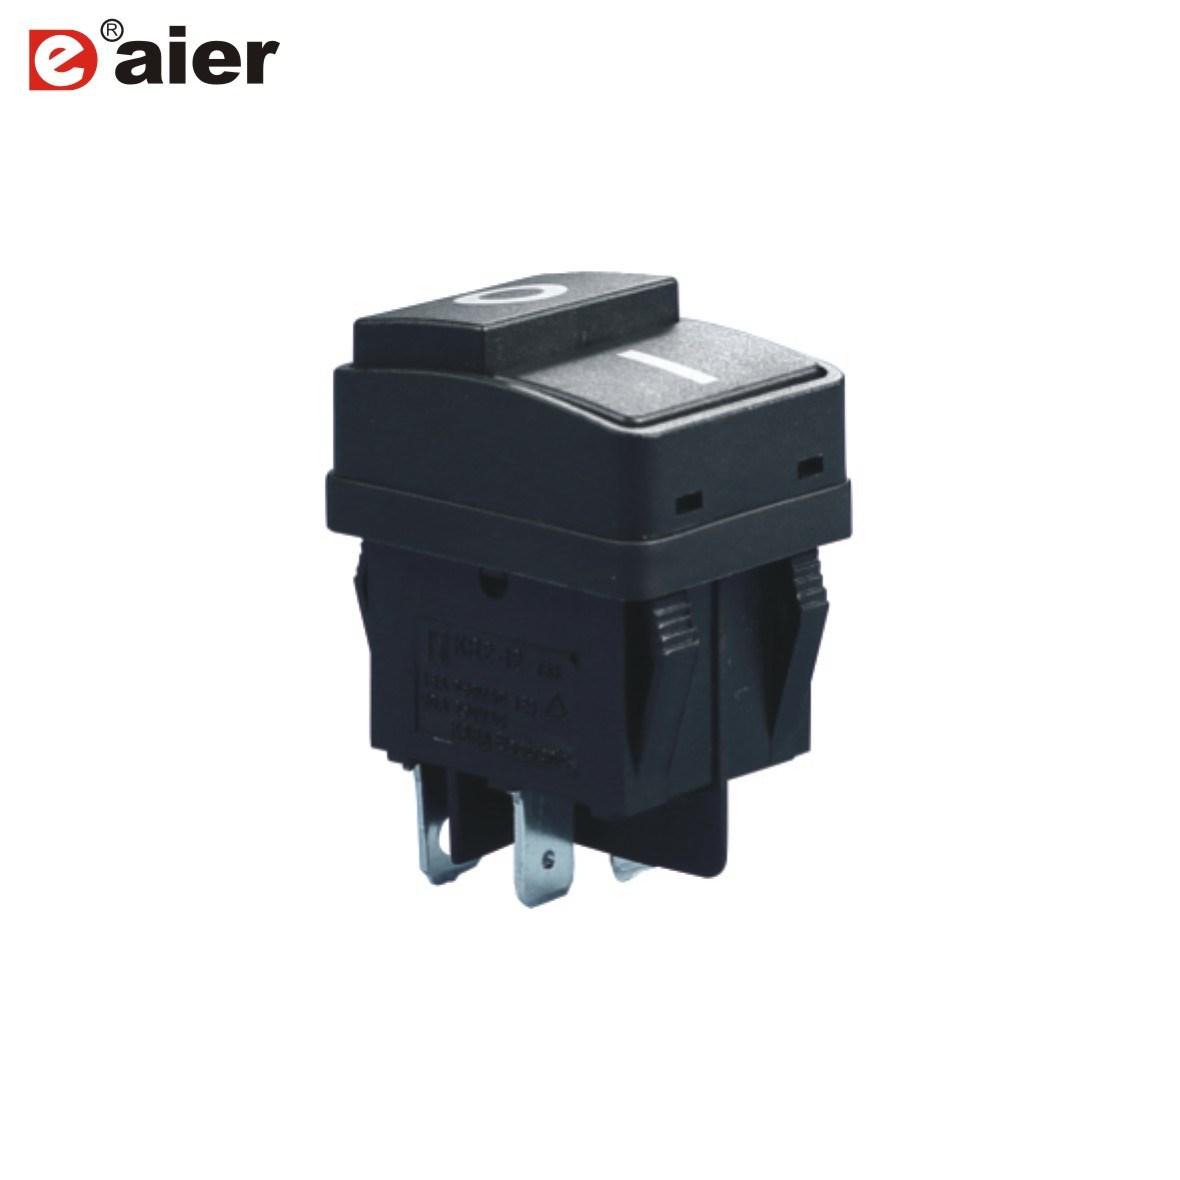 China 20A Push Button Black Rocker Switch 4 Pin on off - China ...